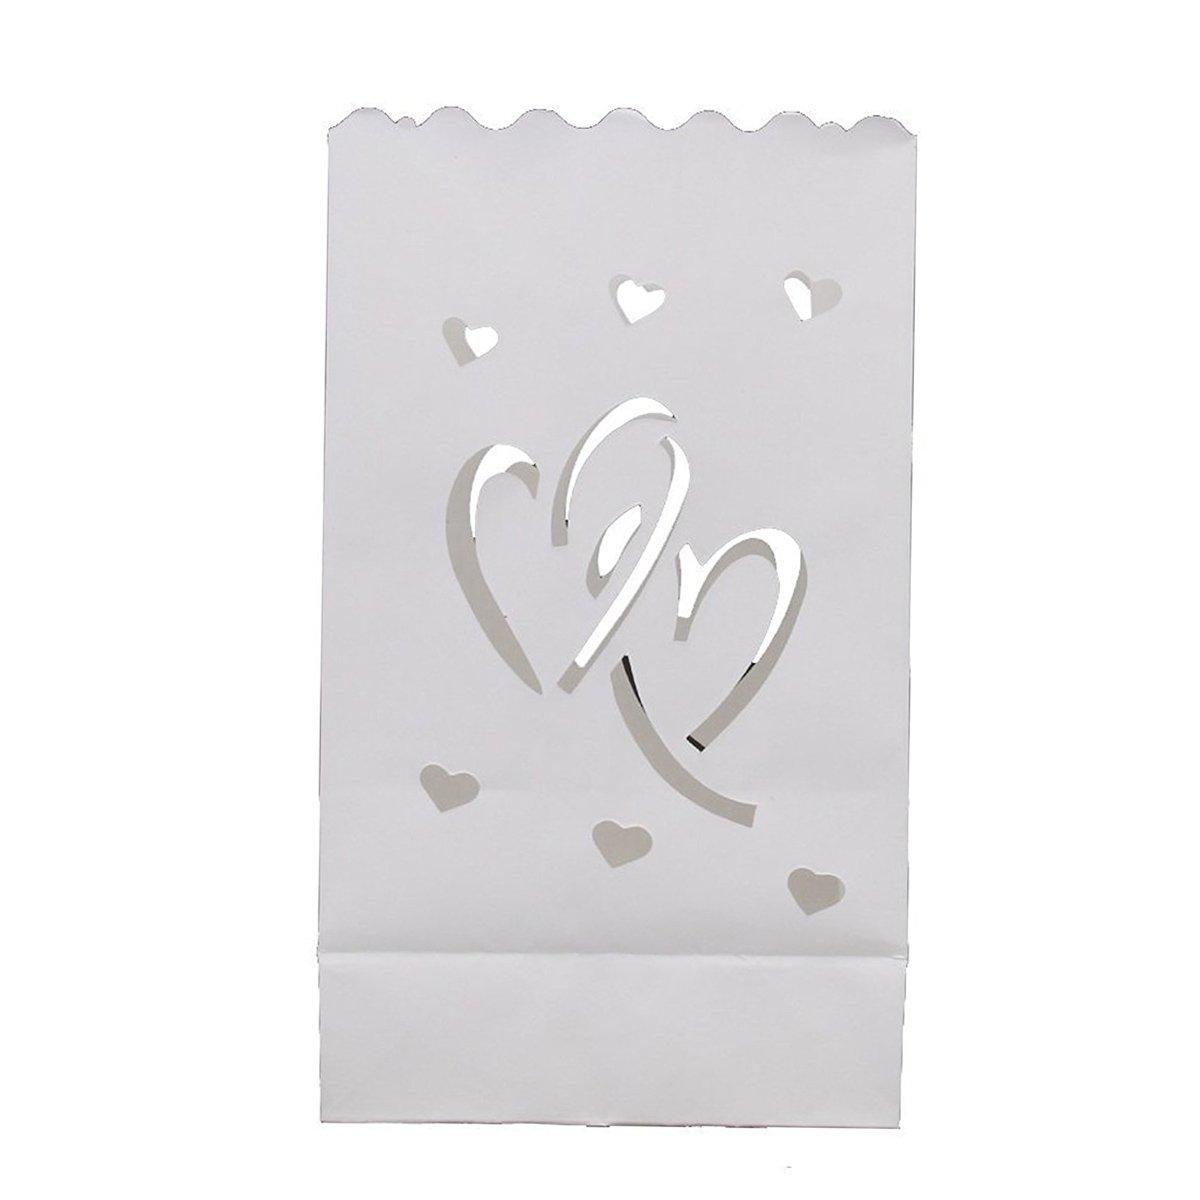 ROSENICE Sacchetto di candela Amore cuore Decorazione 10pcs di cerimonia nuziale della candela della lanterna di carta della candela di nozze